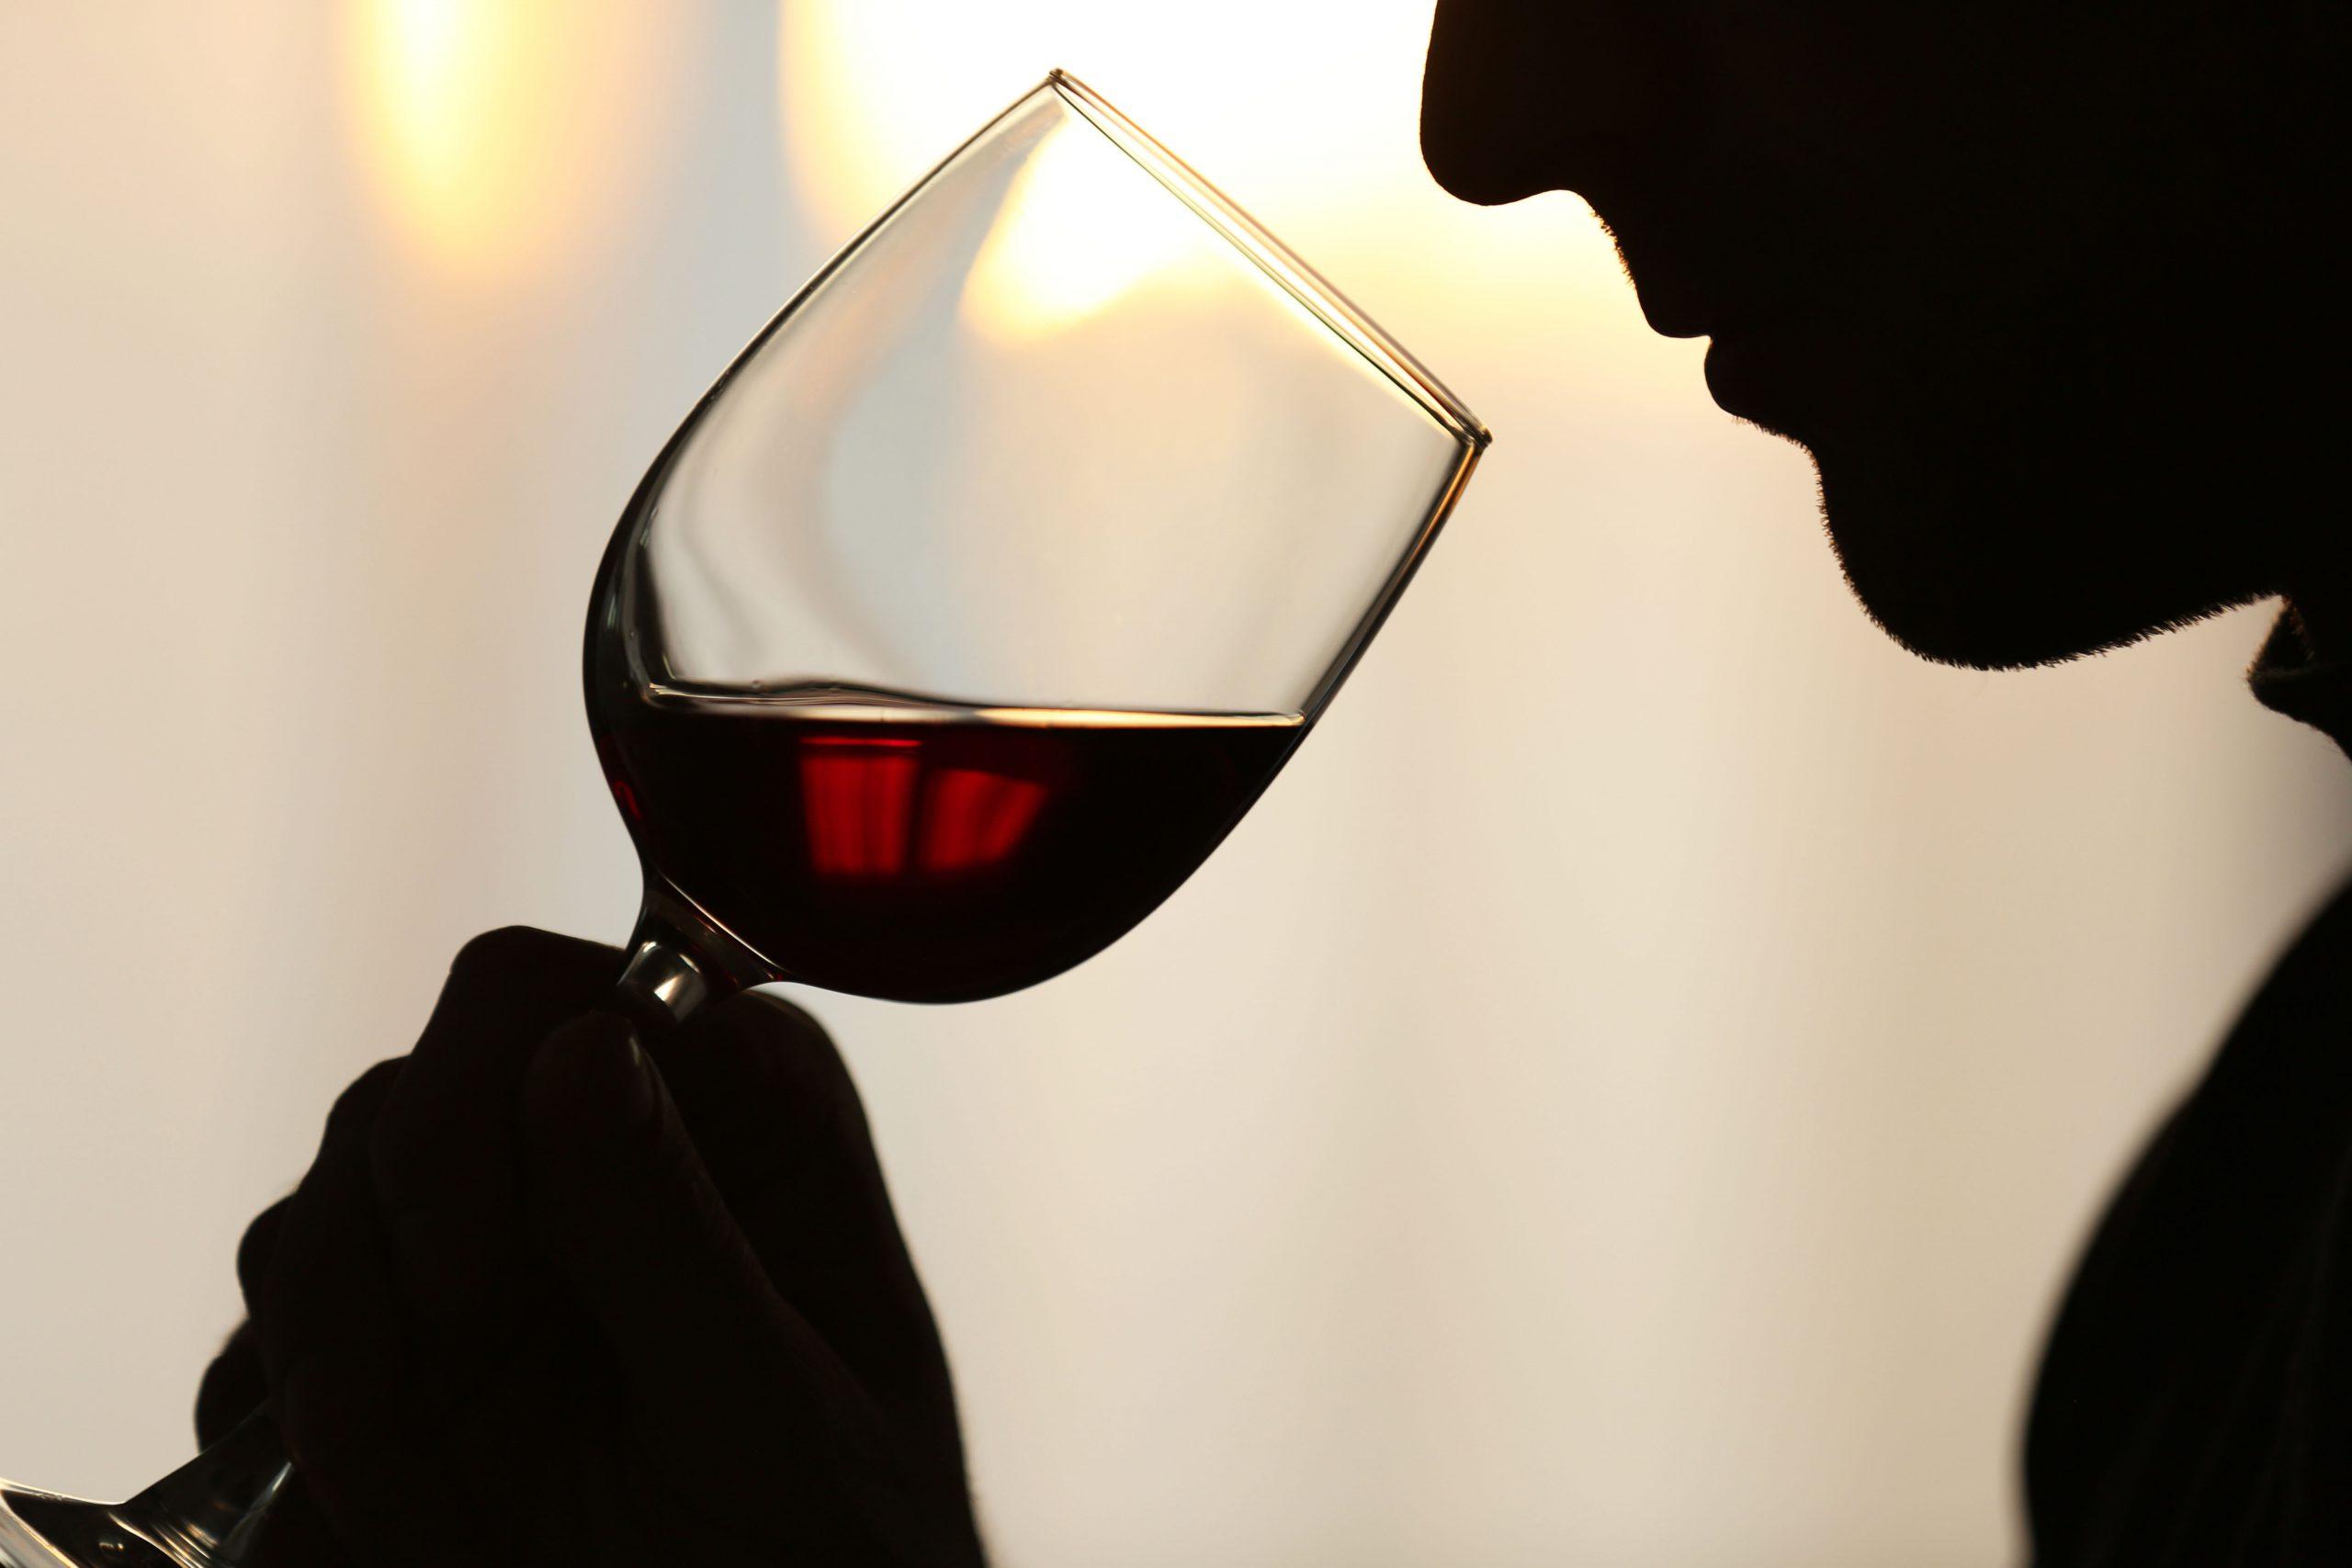 ワインのブショネとは?原因と見分け方を知るには